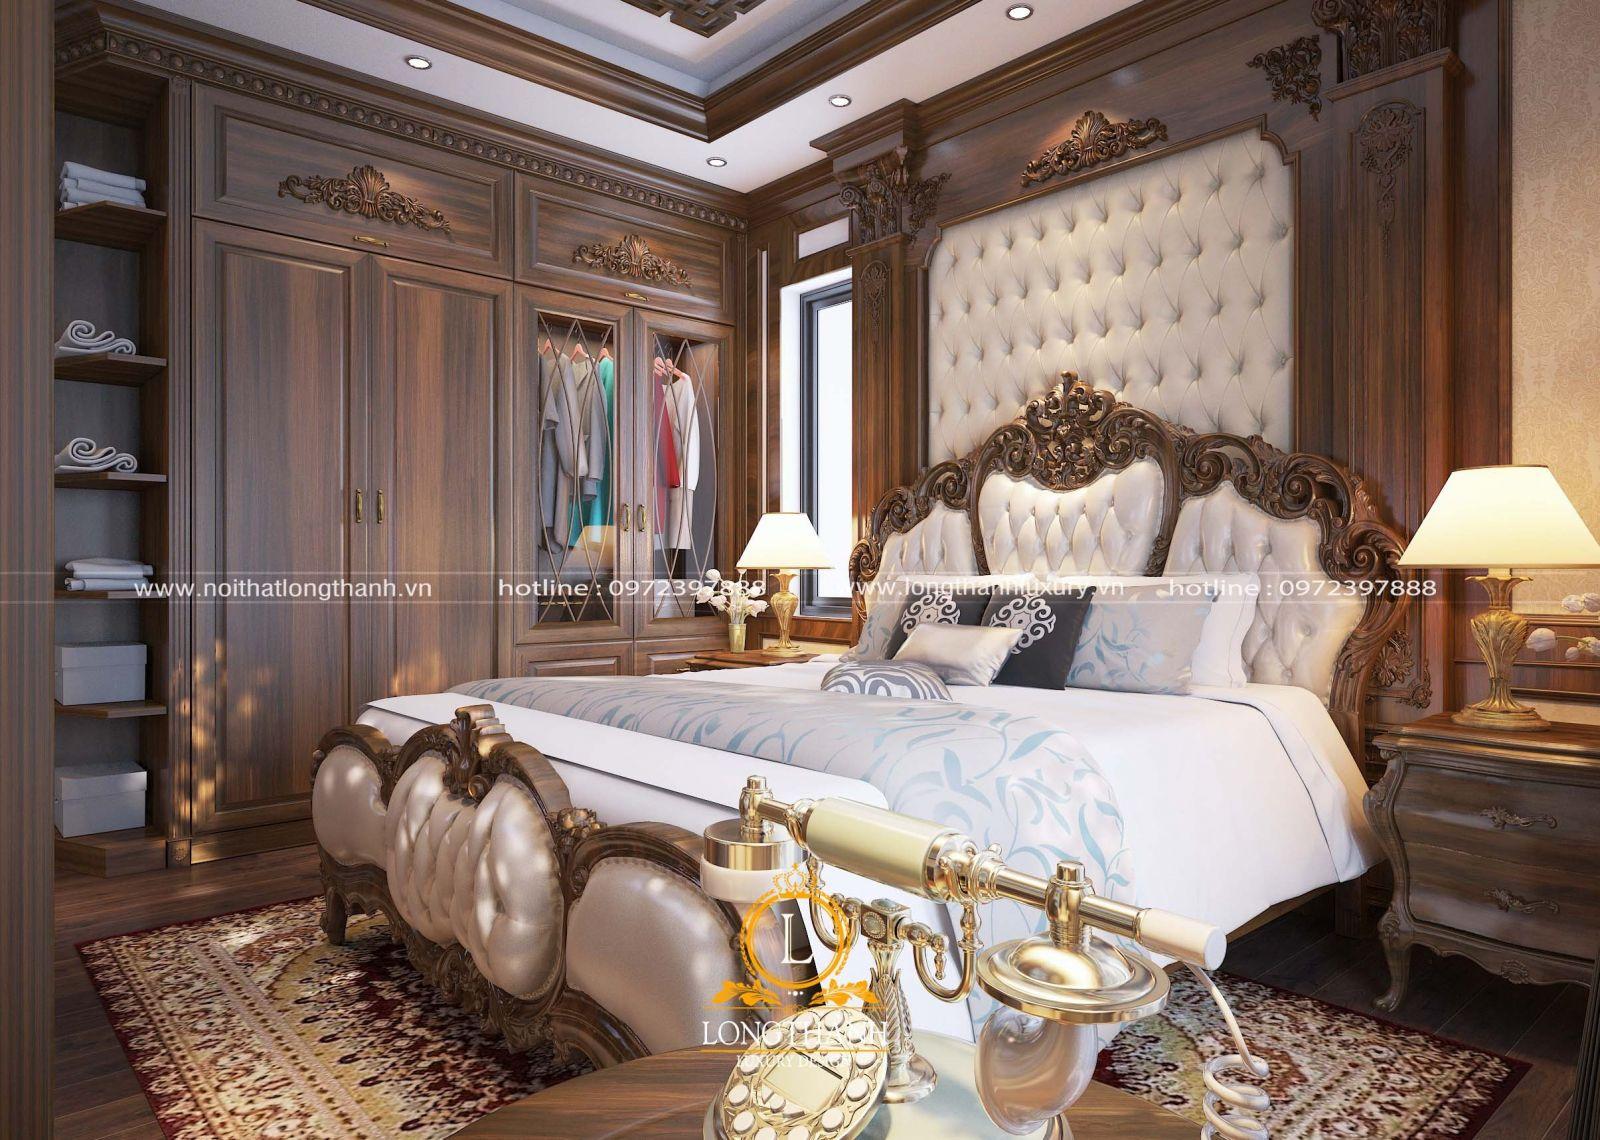 Phòng ngủ tân cổ điển thoải mái, dễ chịu